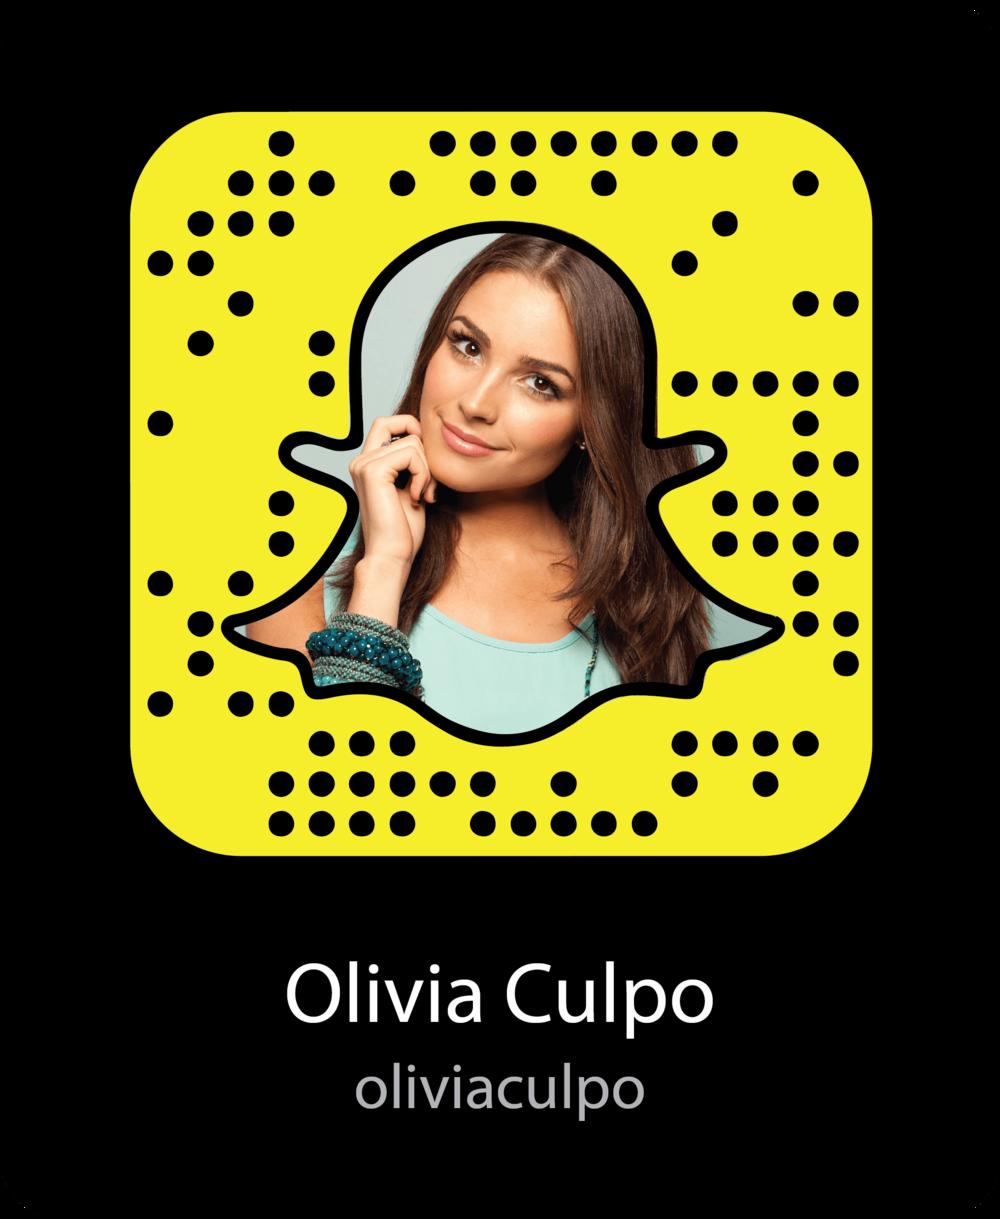 olivia-culpo-celebrity-snapchat-snapcode